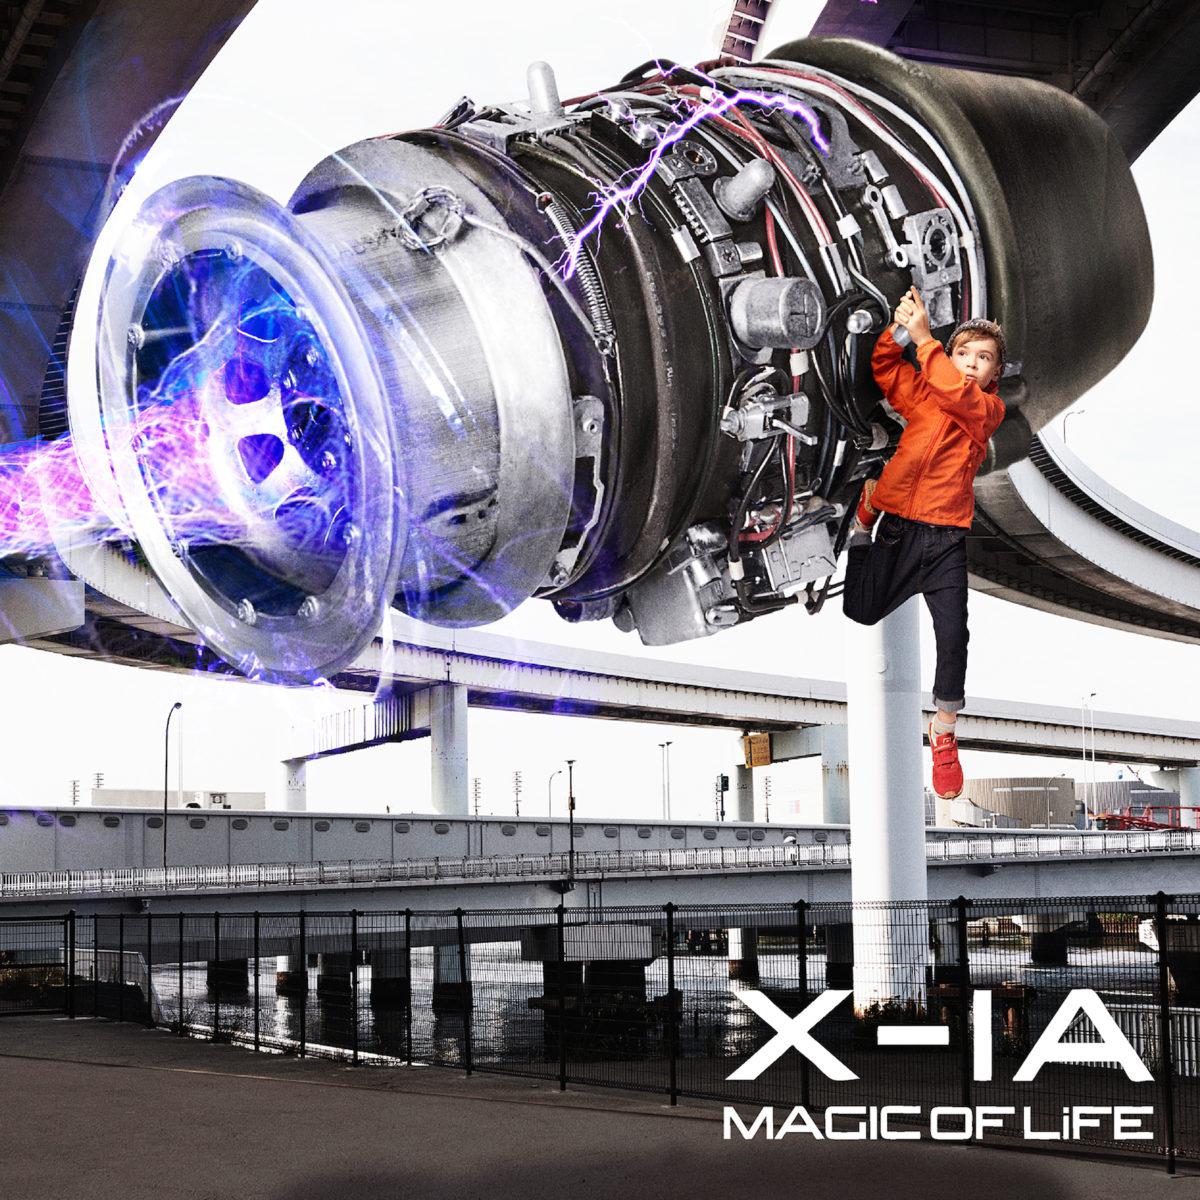 MAGIC OF LIFE『X-1A』 / CDジャケットデザイン